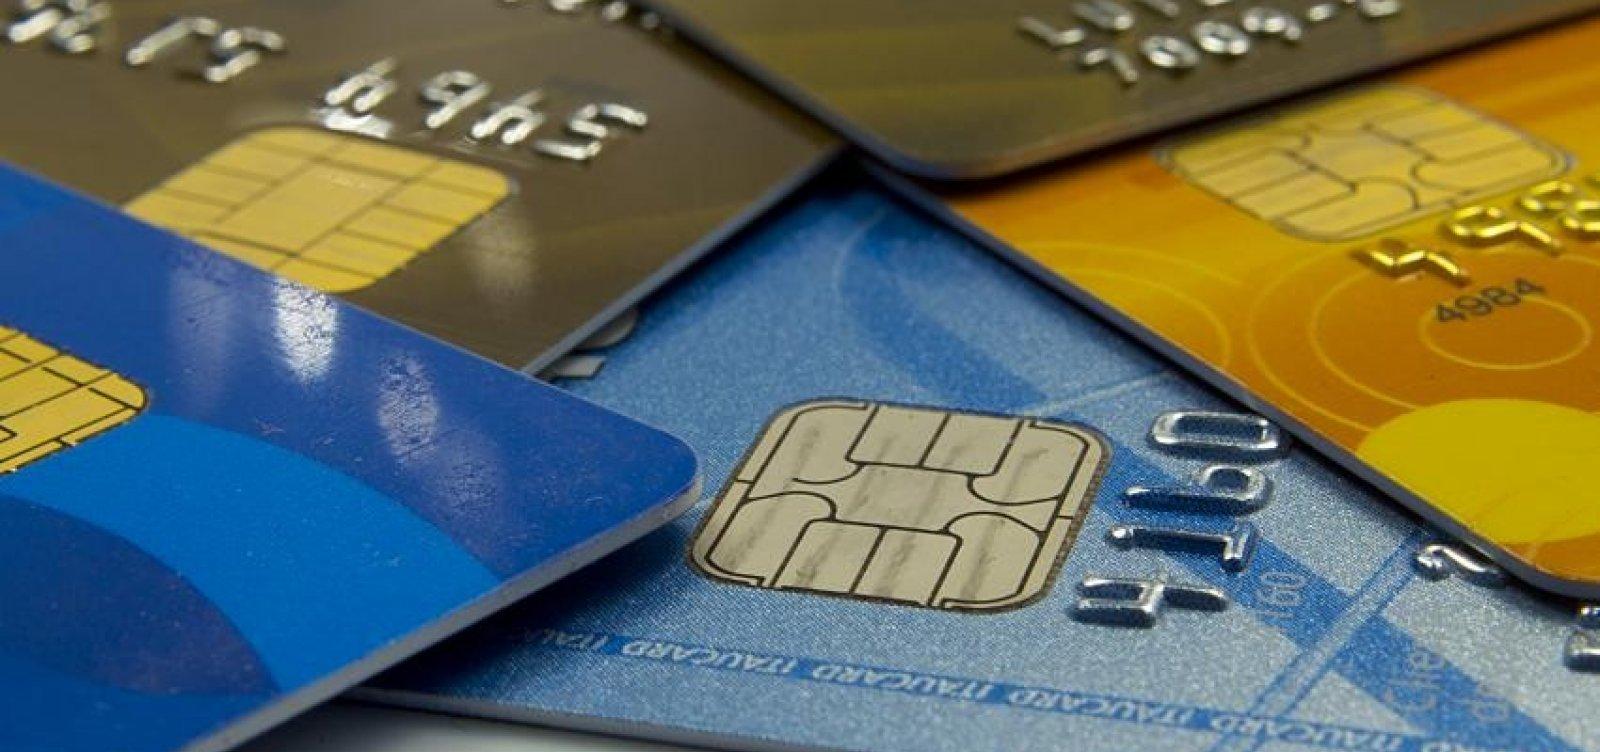 Brasileiros usam 20% da renda mensal para pagar dívidas, aponta estudo